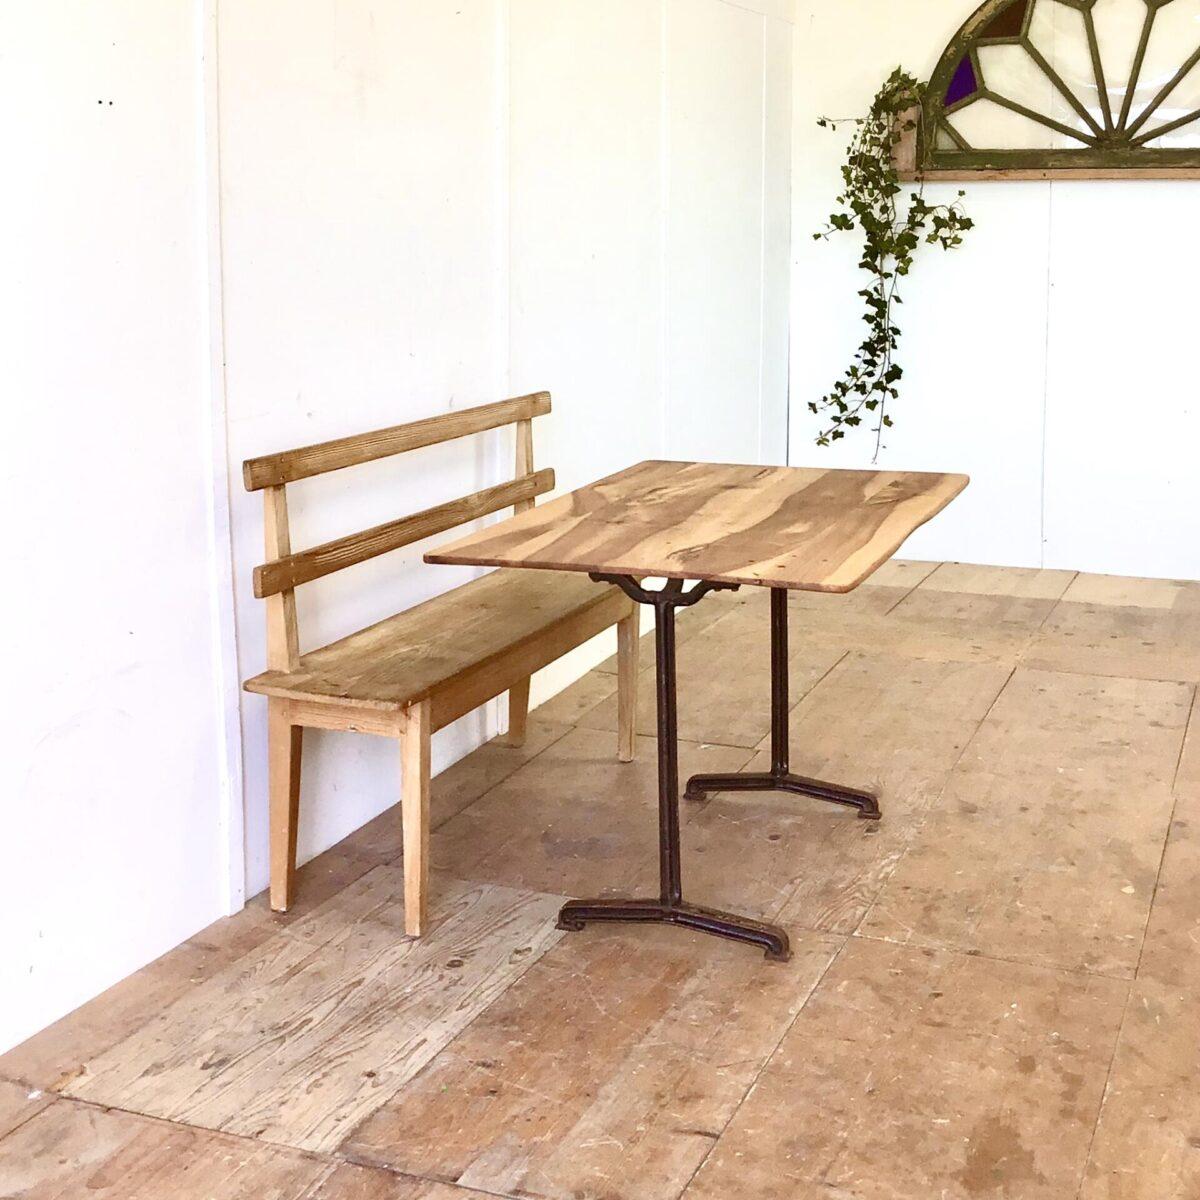 Nussbaum Tisch mit antiken Gussfüssen 118.5x77.5cm Höhe 74.5cm. Leicht verschieden dickes Tischblatt aus Nussbaumholz, mit französischen Gussfüssen. Dieser kleinere Beizentisch strahlt Romantisches Bistro Flair aus. Warme Lebhafte Holzmaserung, mit Naturöl behandelt. Der Tisch bietet Platz für bis zu 6 Personen.